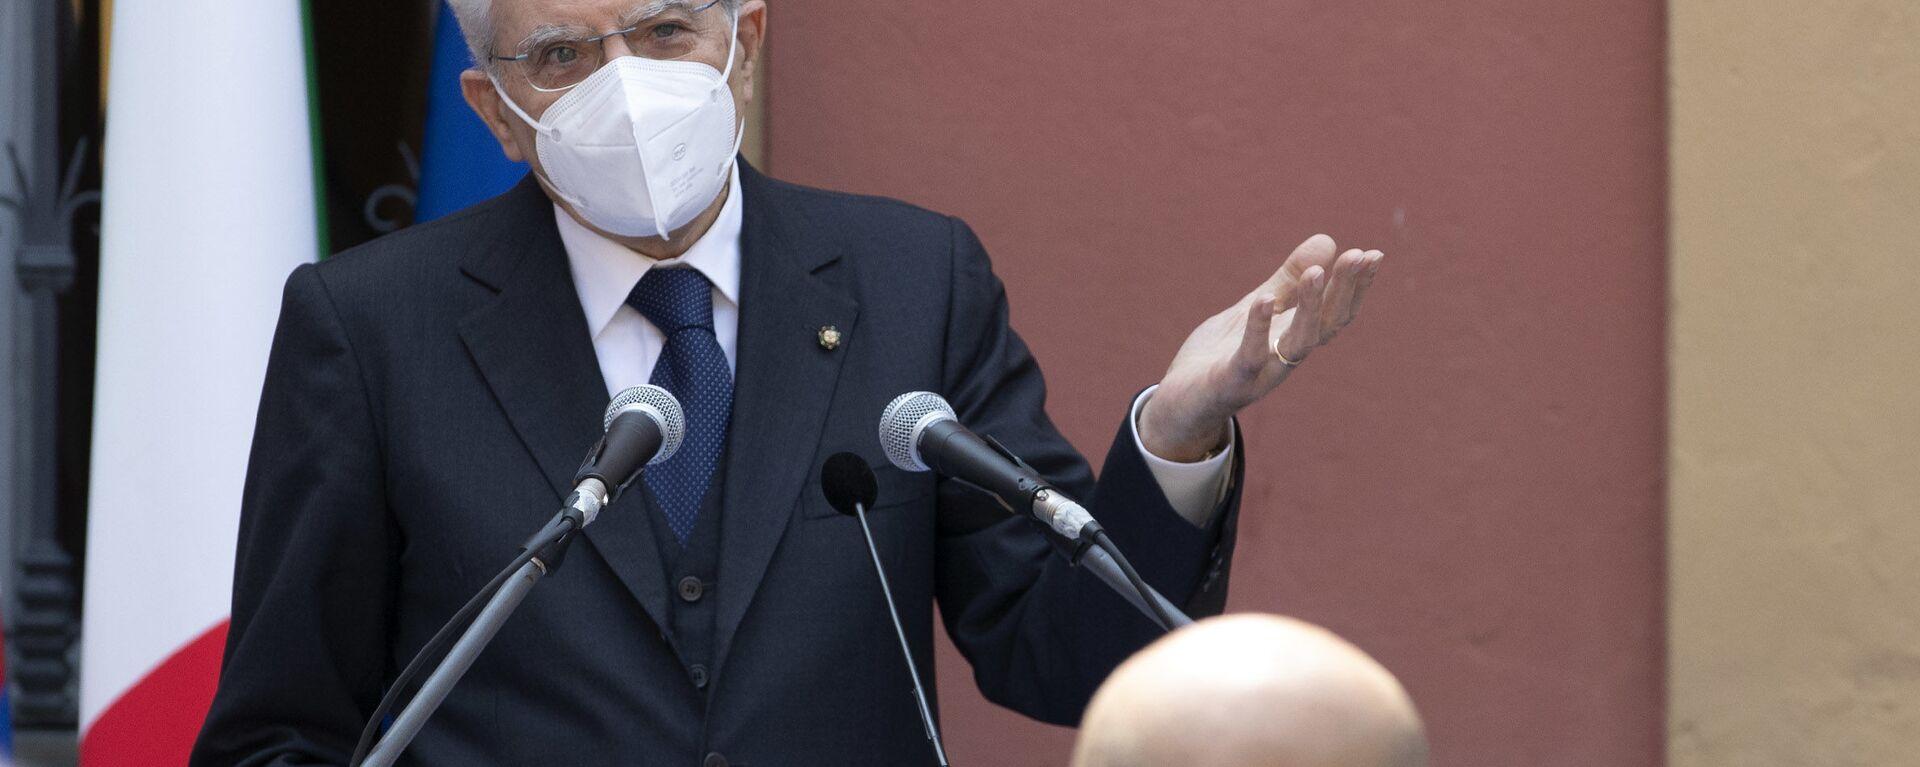 Codogno- Il Presidente della Repubblica Sergio Mattarella rivolge il suo indirizzo di saluto in occasione della visita a Codogno, oggi 2 giugno 2020. - Sputnik Italia, 1920, 17.08.2020